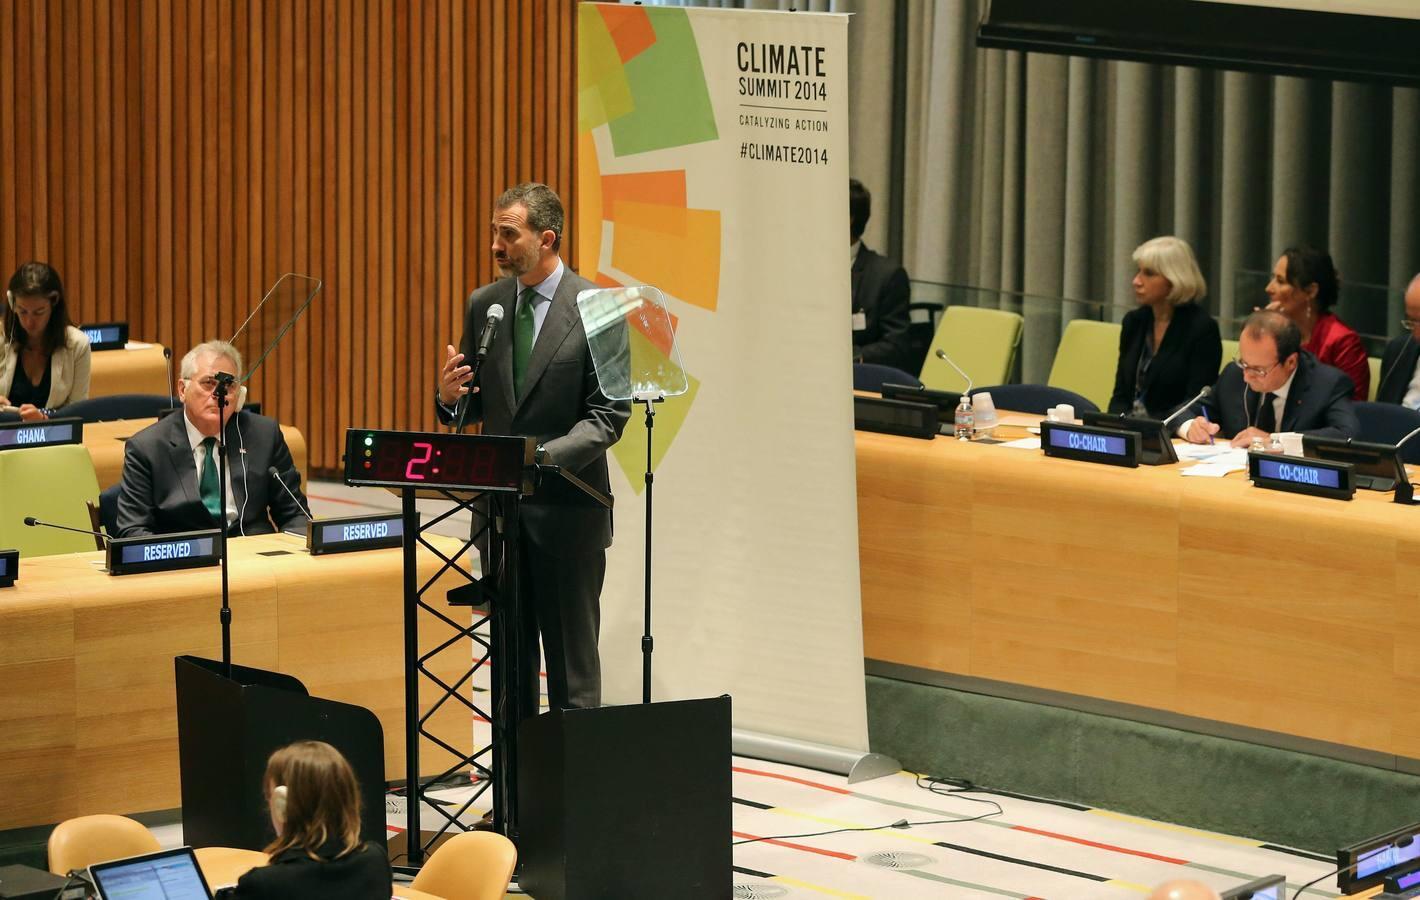 Los Reyes acuden a la Cumbre del Clima celebrada en la sede de Naciones Unidas, en Nueva York